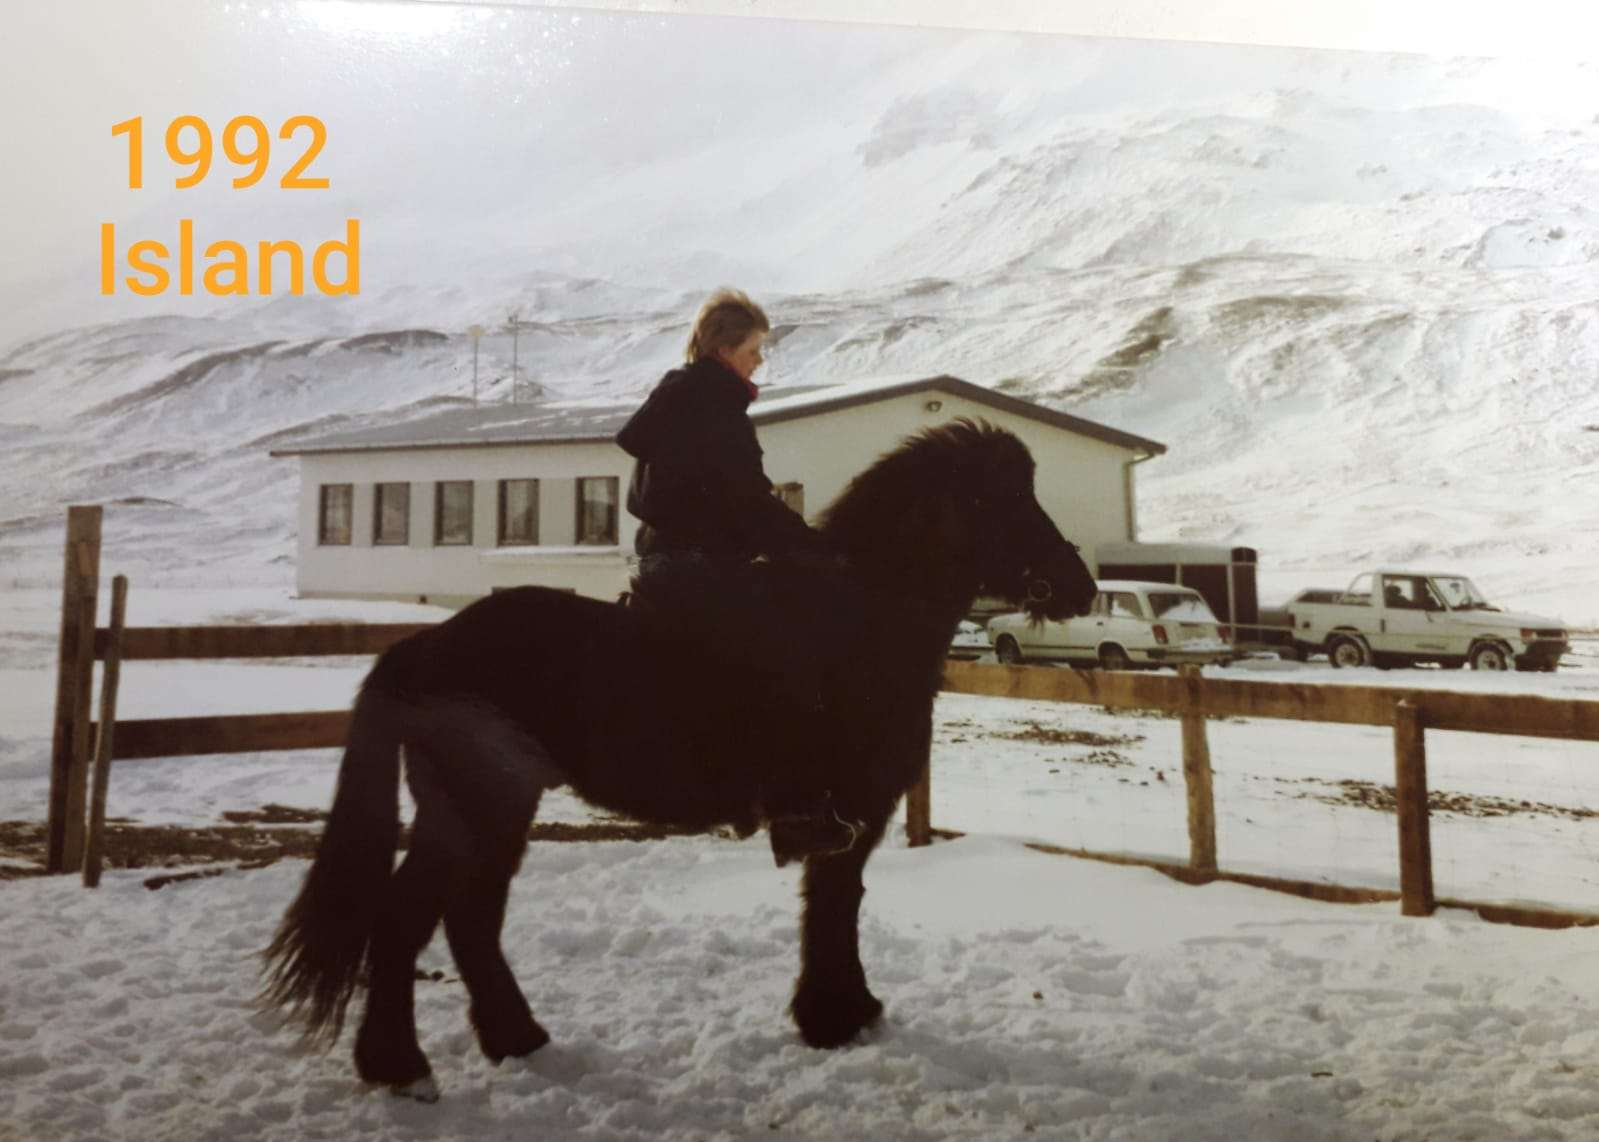 Auf Island 1992